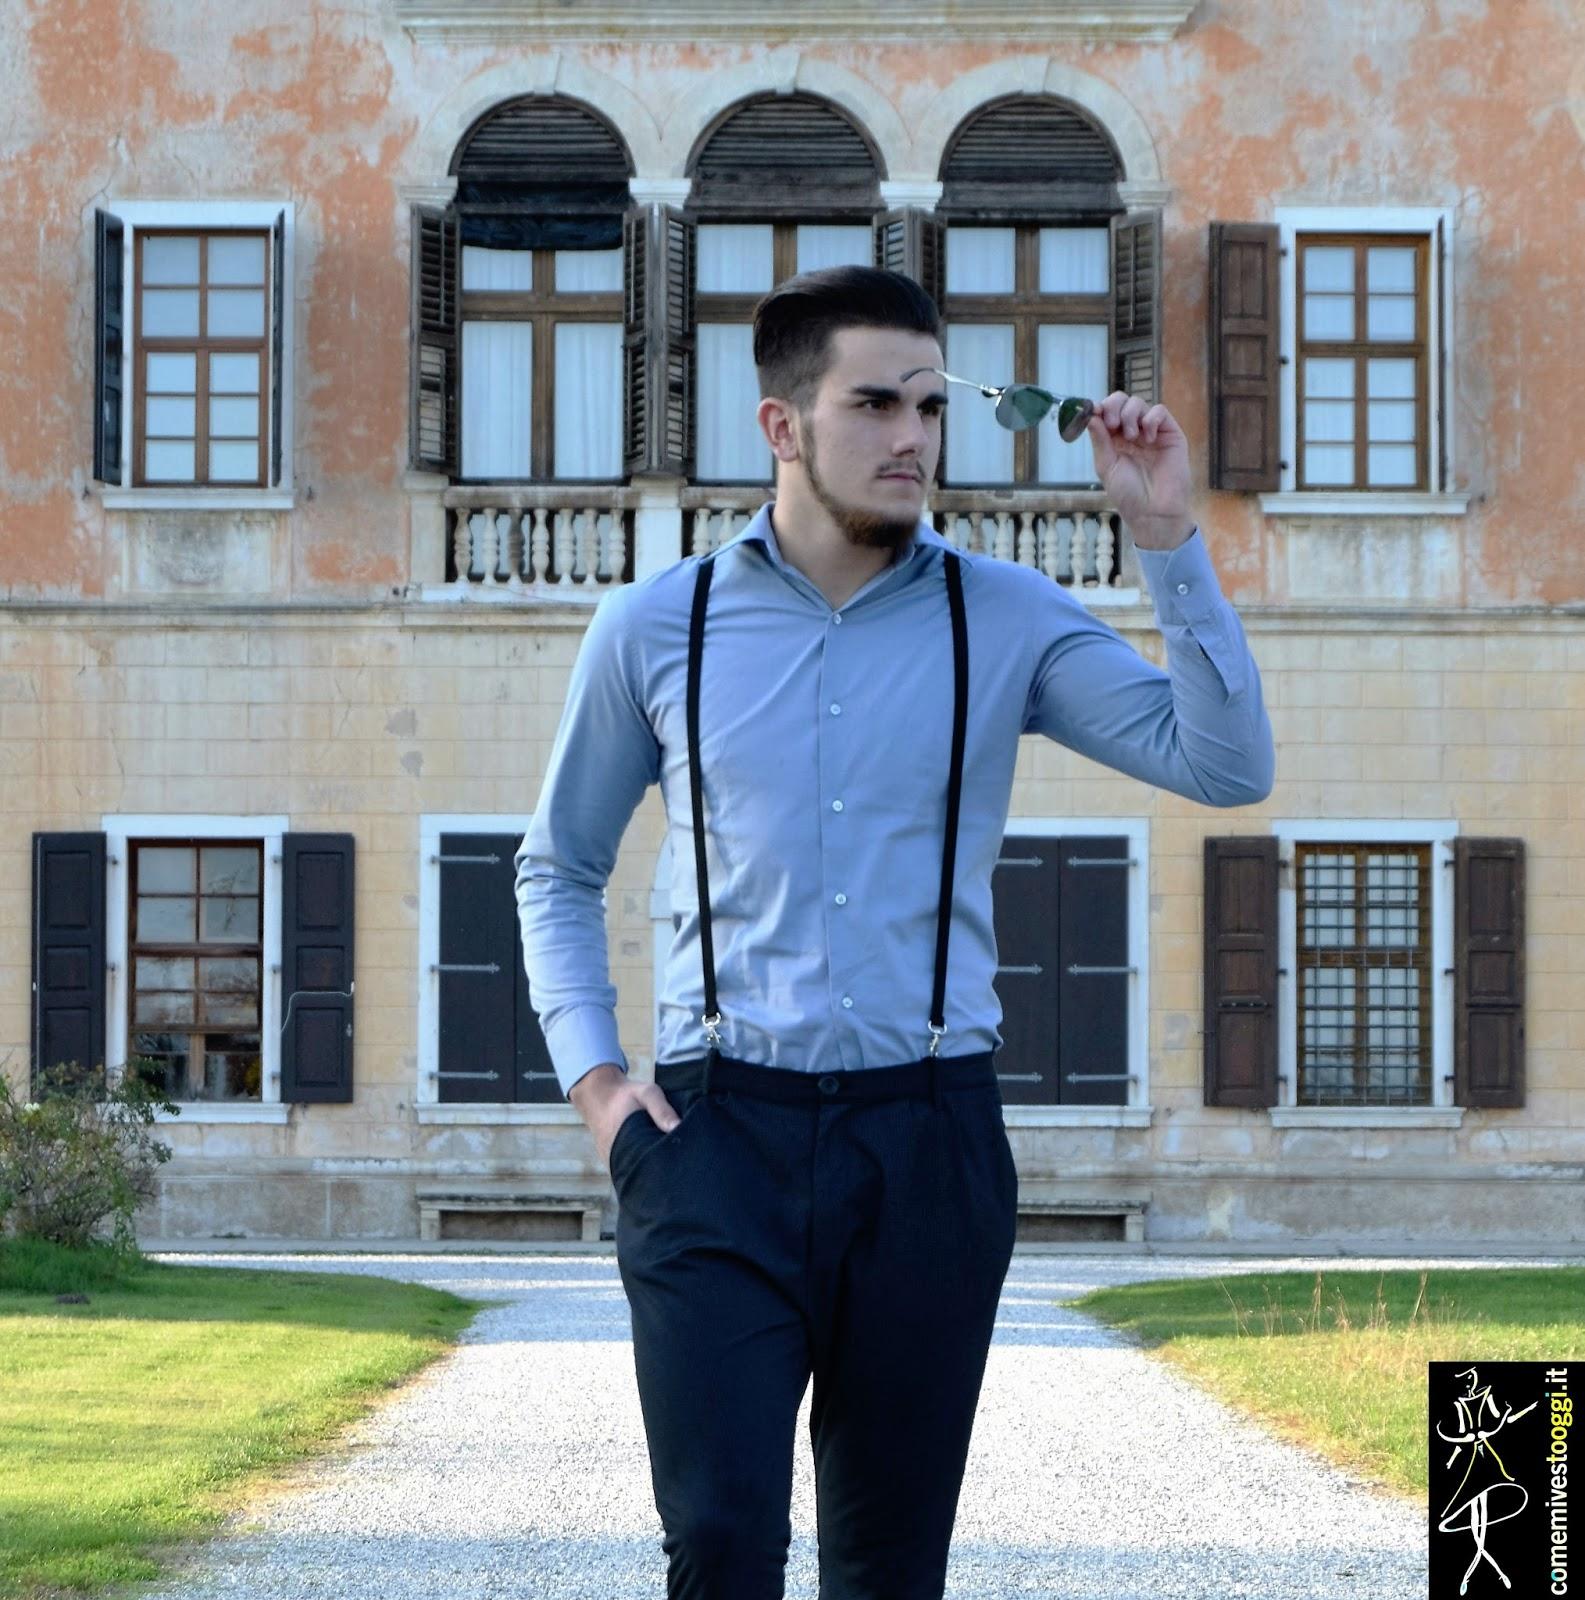 ultima vendita personalizzate a piedi a Come indossare le bretelle in modo casual romantic. | Come ...